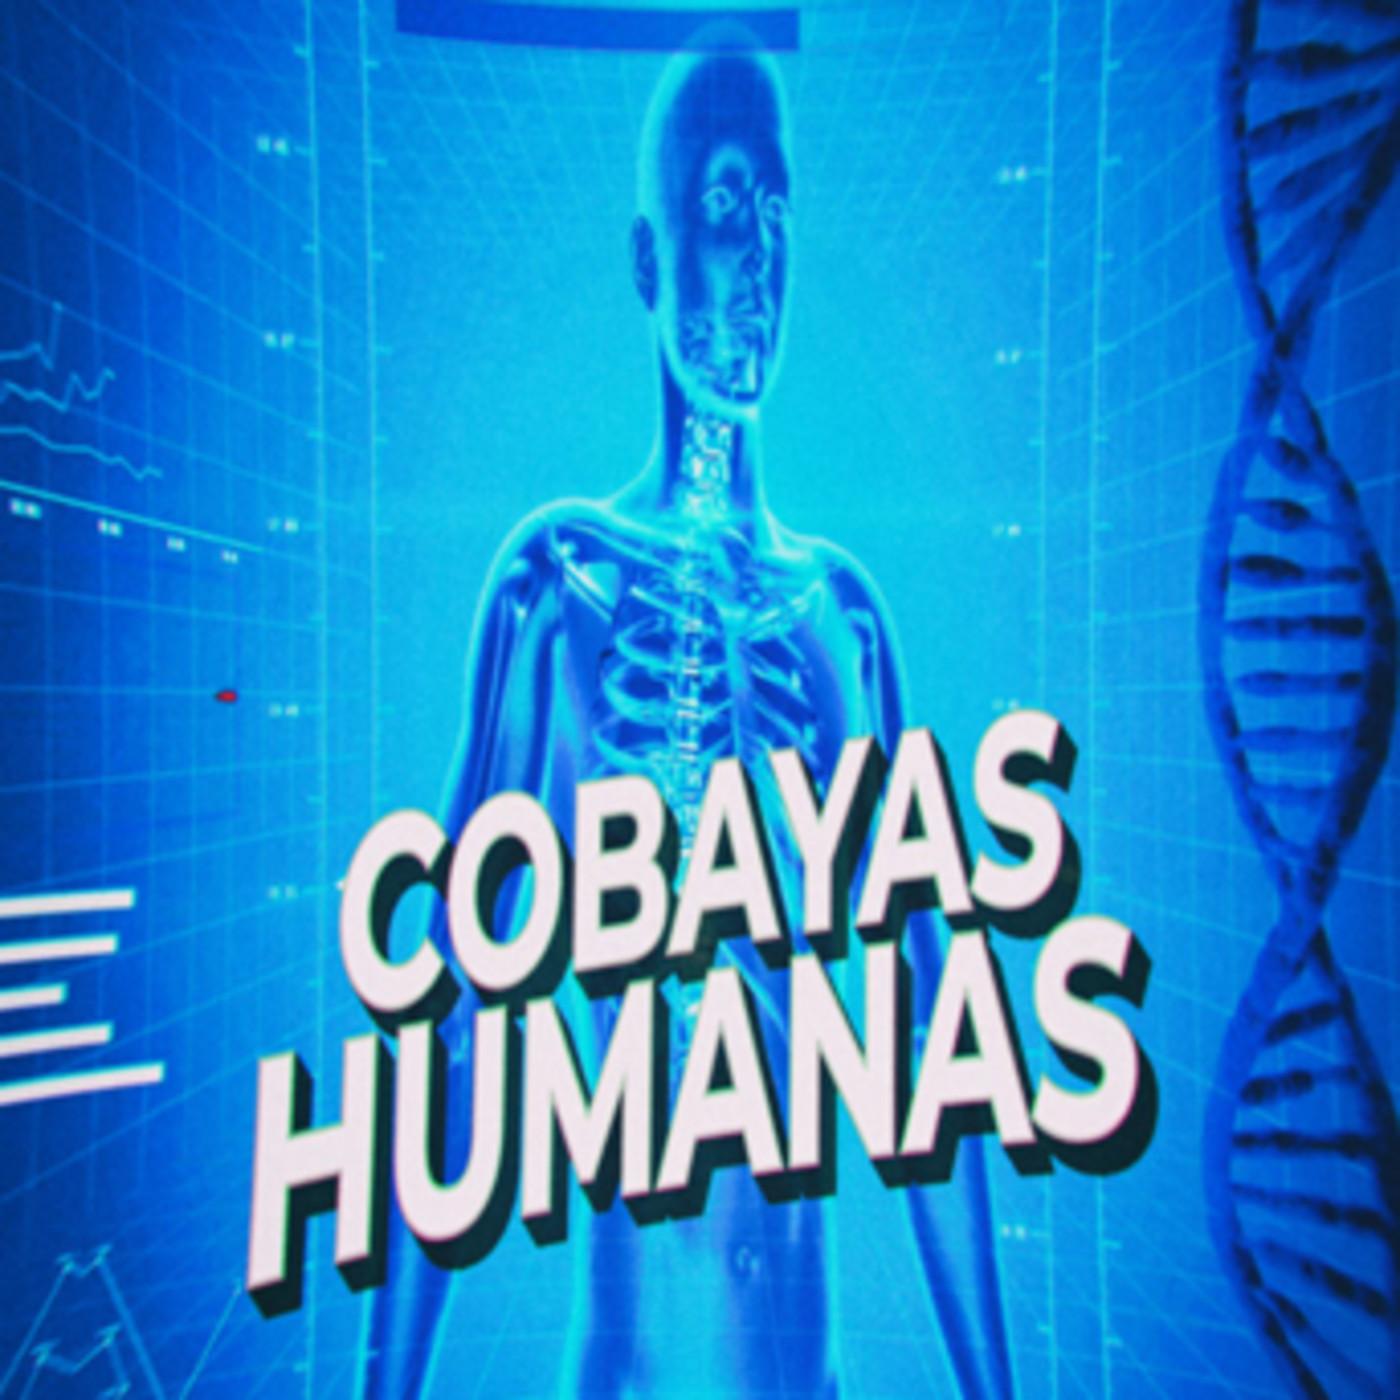 Cuarto milenio: Cobayas humanas en Cuarto Milenio (Oficial ...